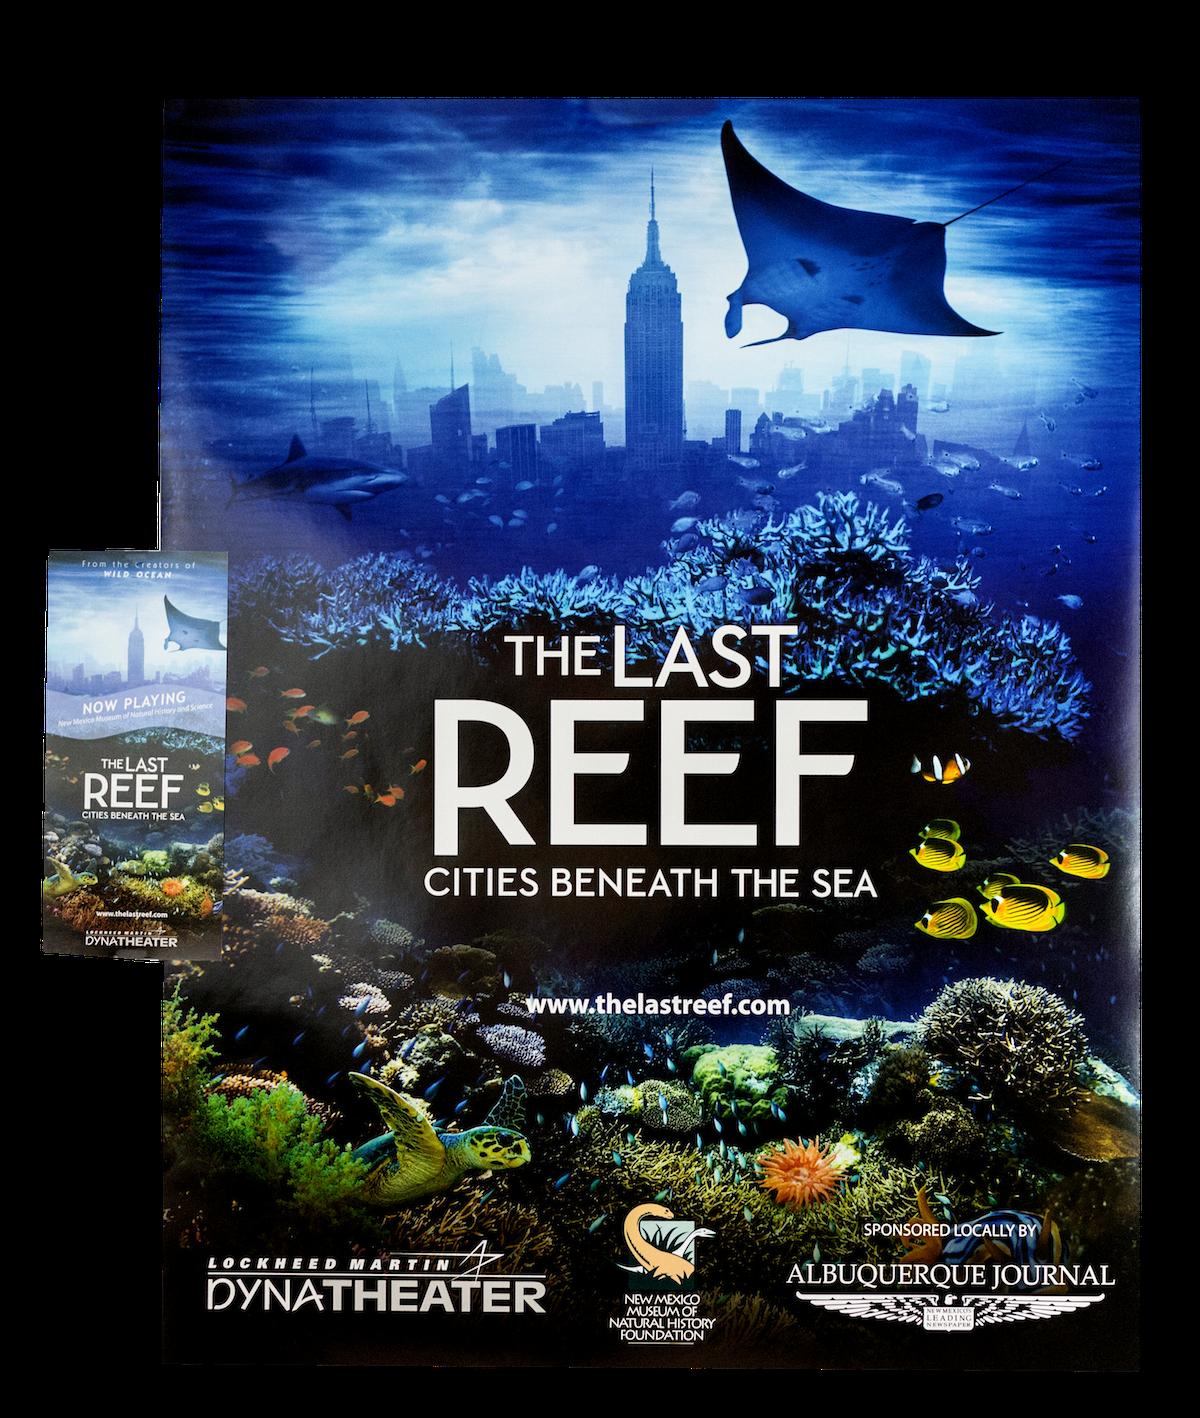 Last Reef Image